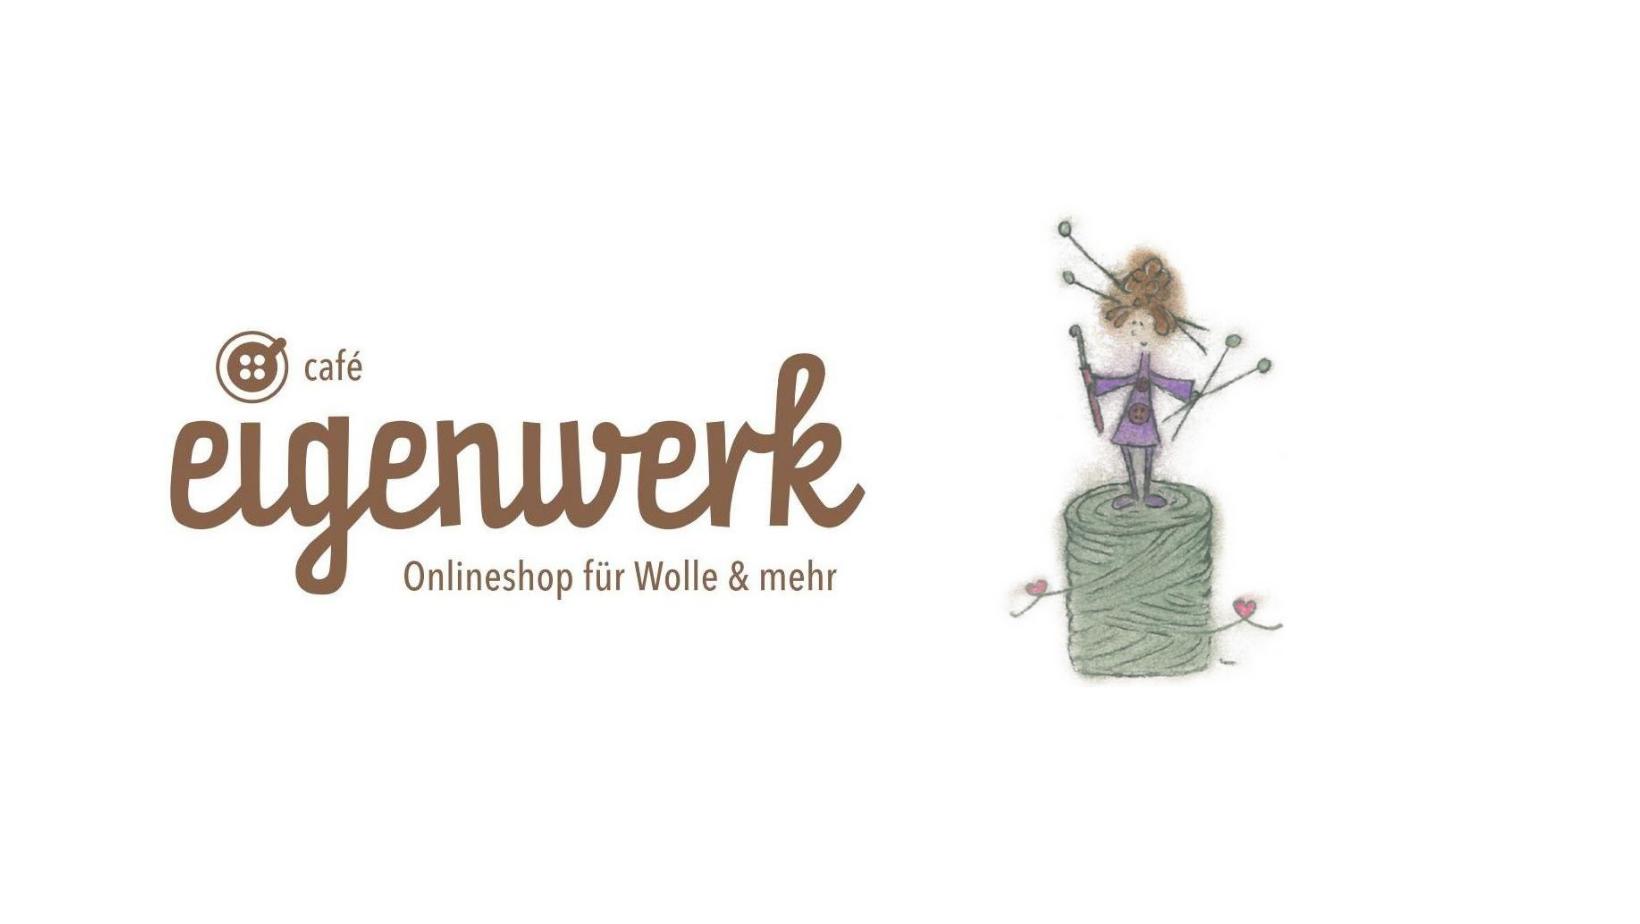 Café Eigenwerk